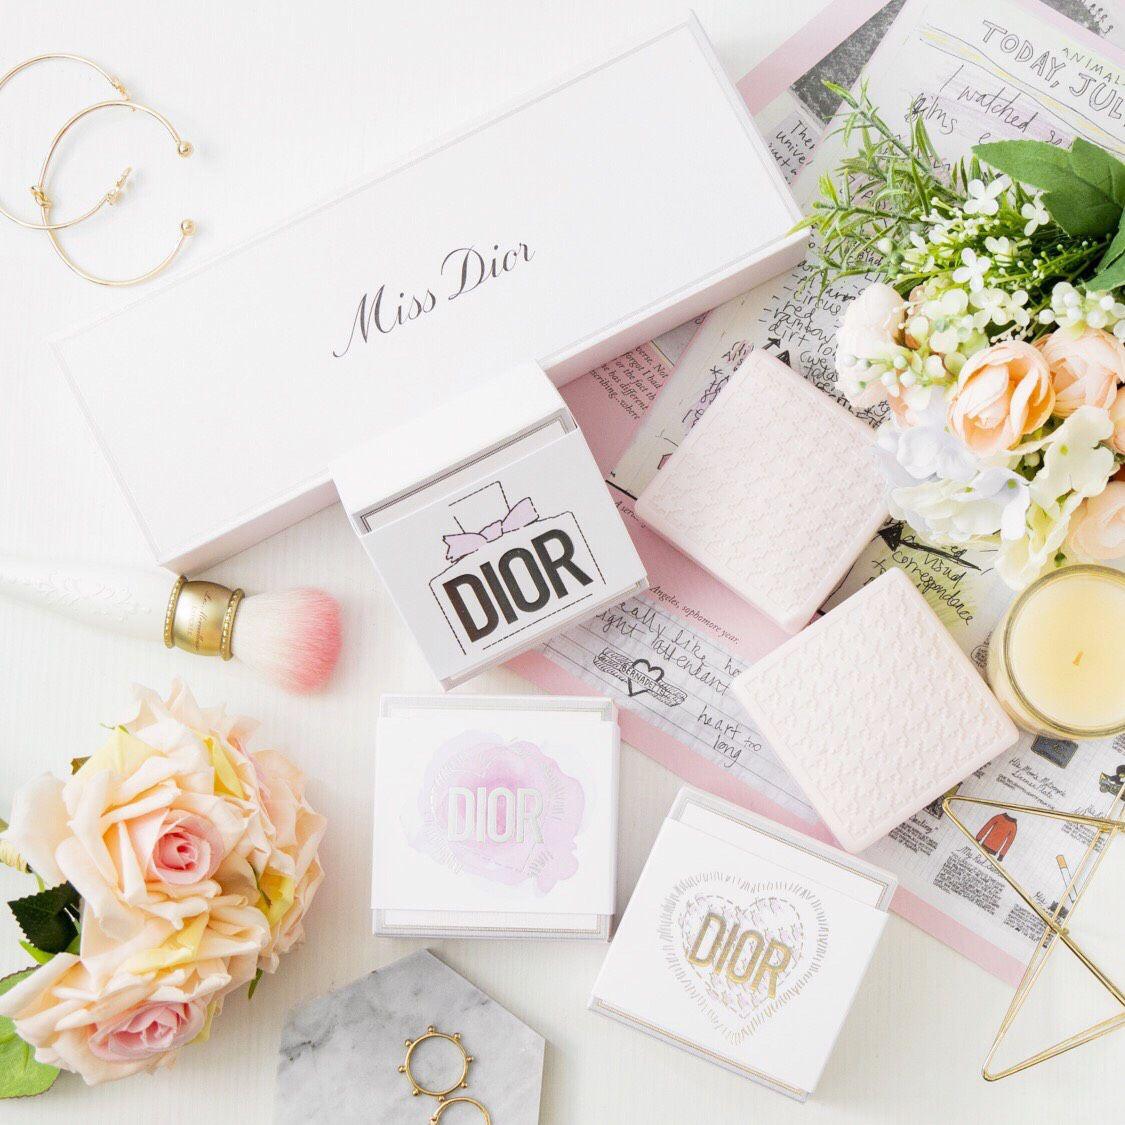 情人節就用全新Miss Dior溫柔纏綿的明亮花香收服他的心